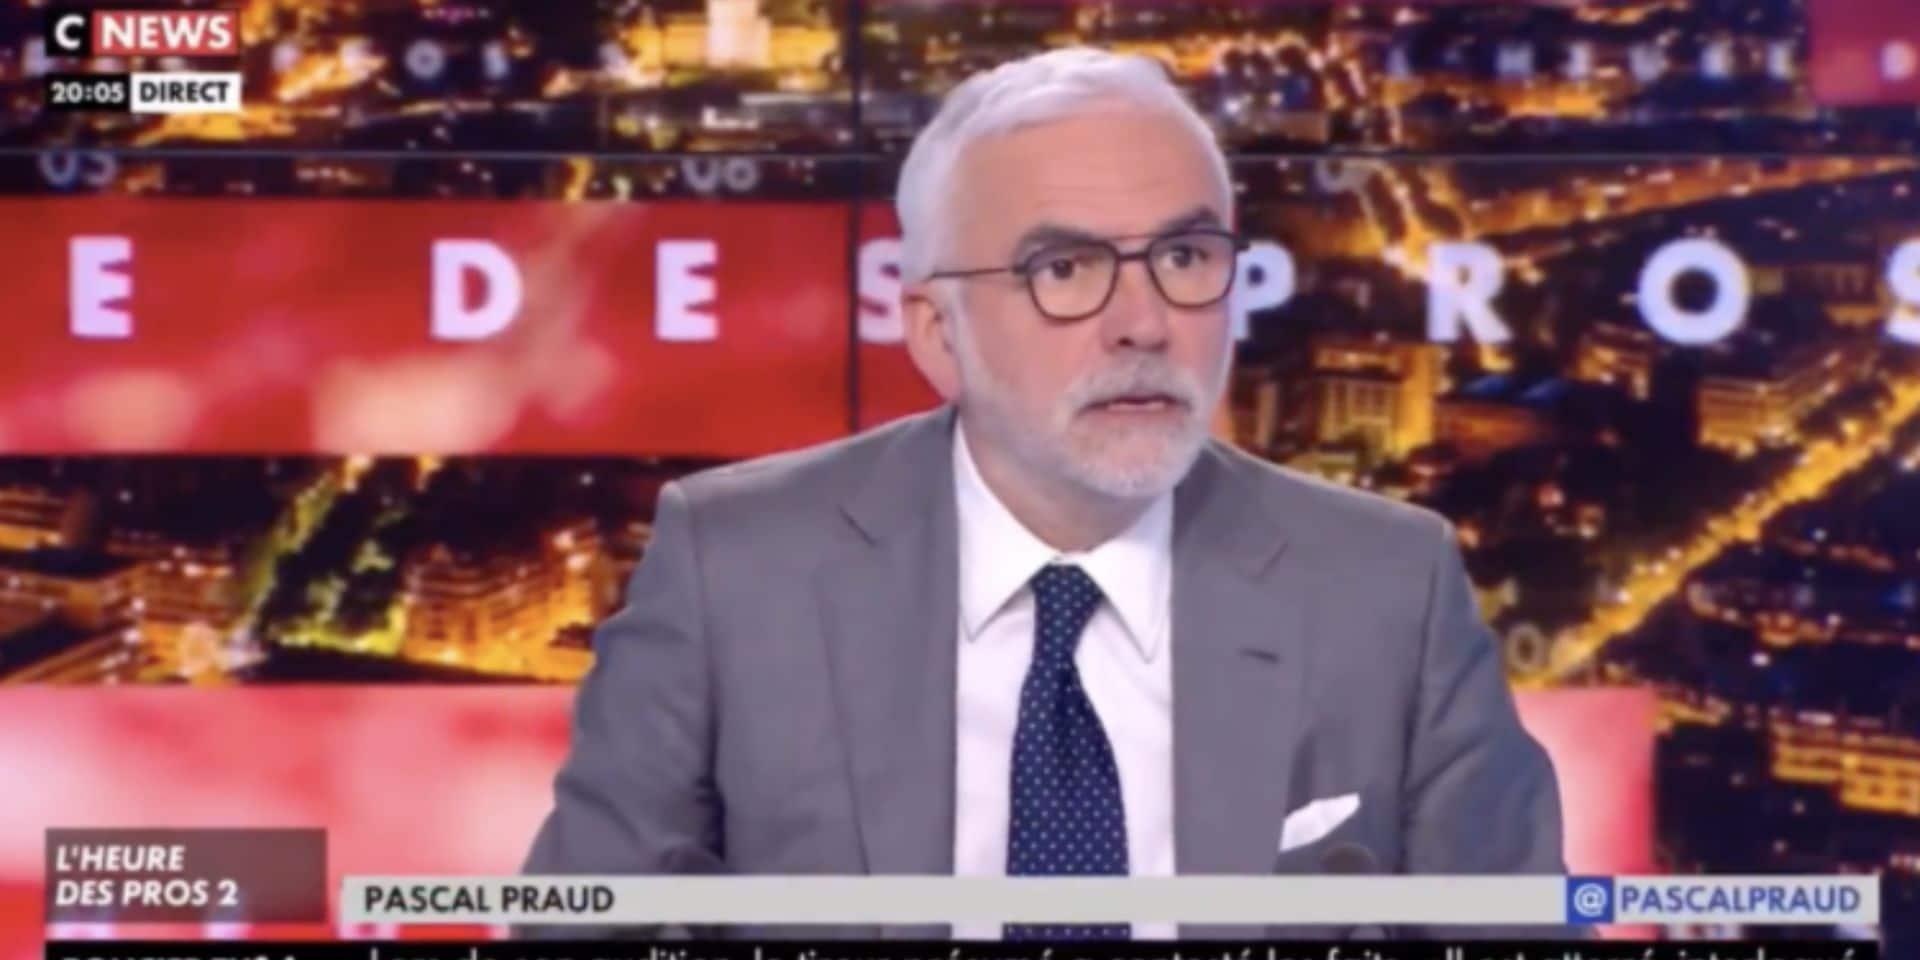 Malaise sur un plateau TV : Pascal Praud imite Chirac puis se rend compte qu'il est... en direct ! (VIDEO)